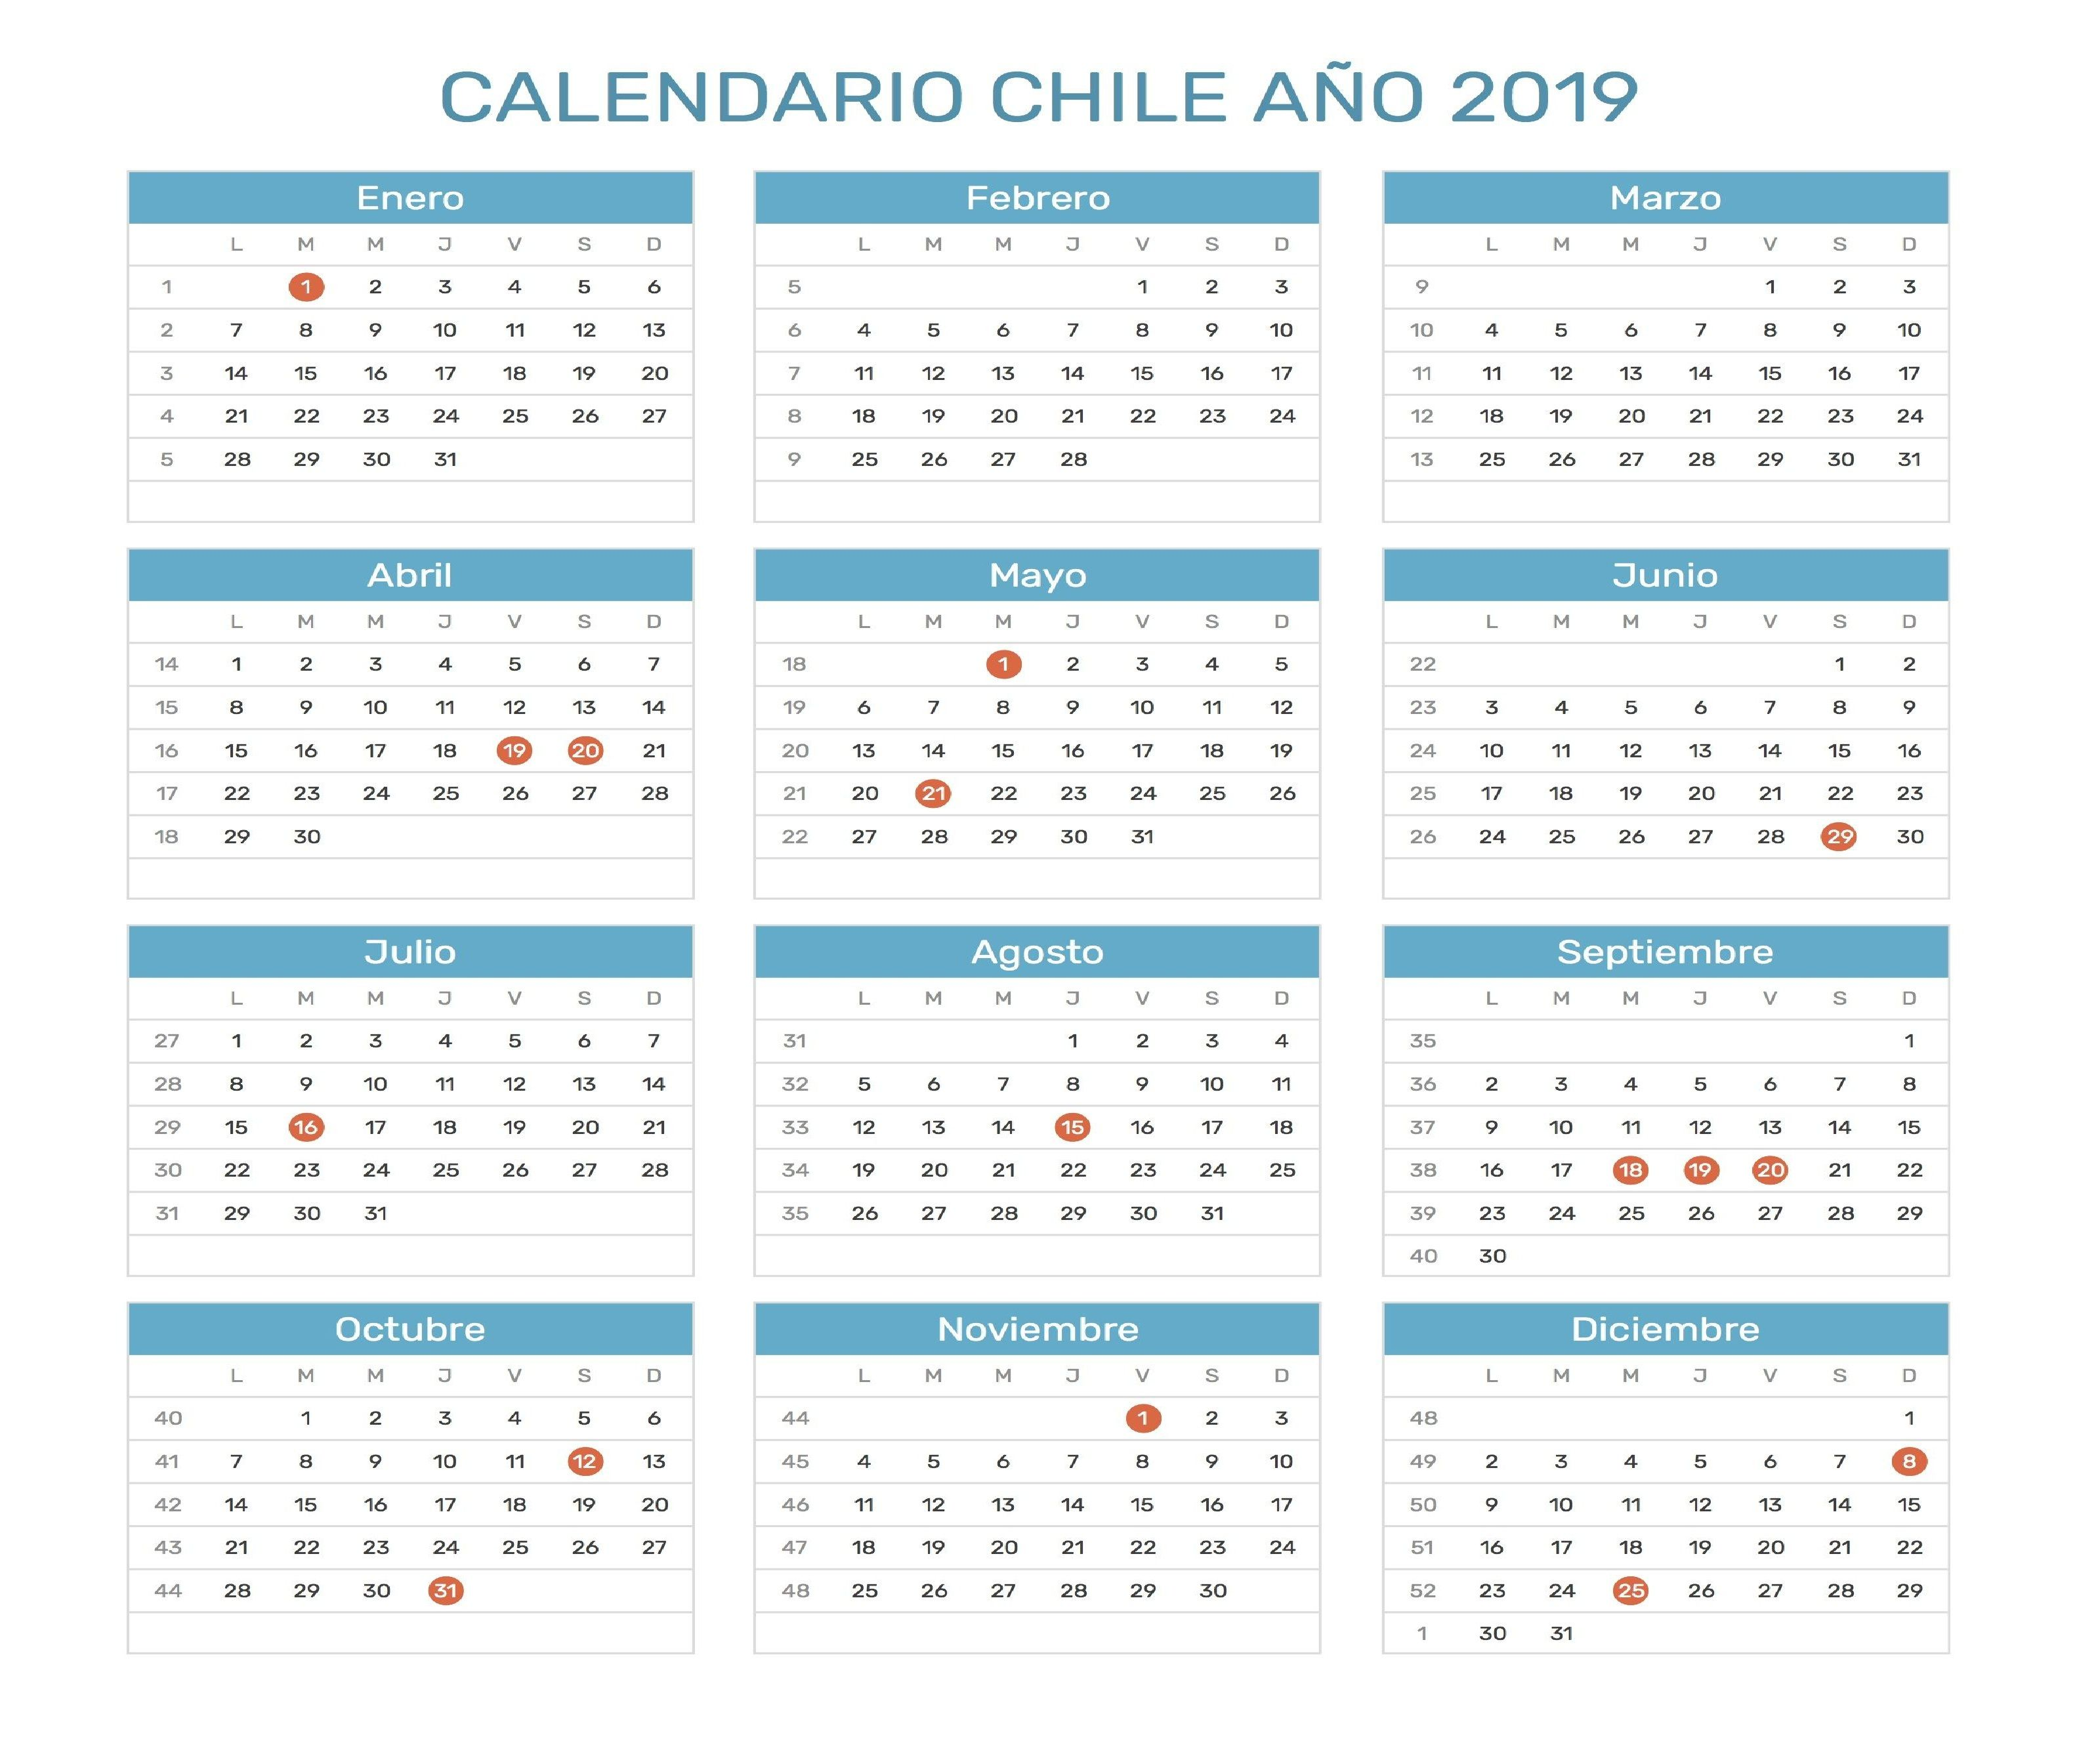 Calendario Chile 2019 Con Feriados.Calendario 2019 Chile Calendario 2019 Chile Chile